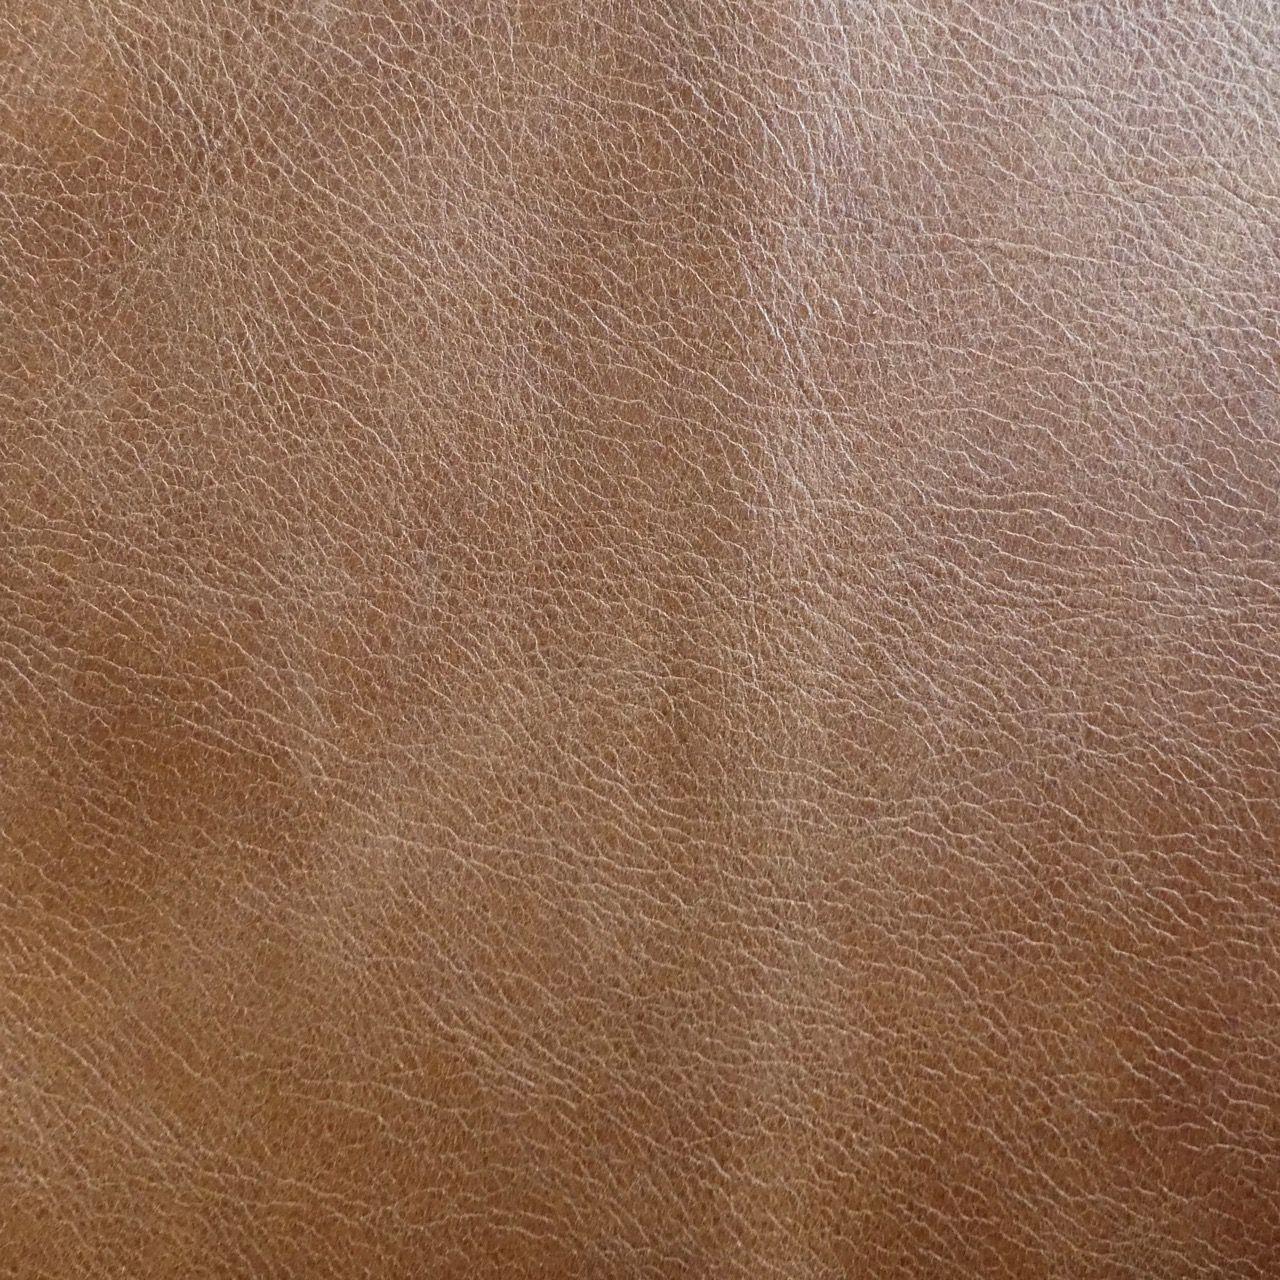 Antigo Cognac - Leather